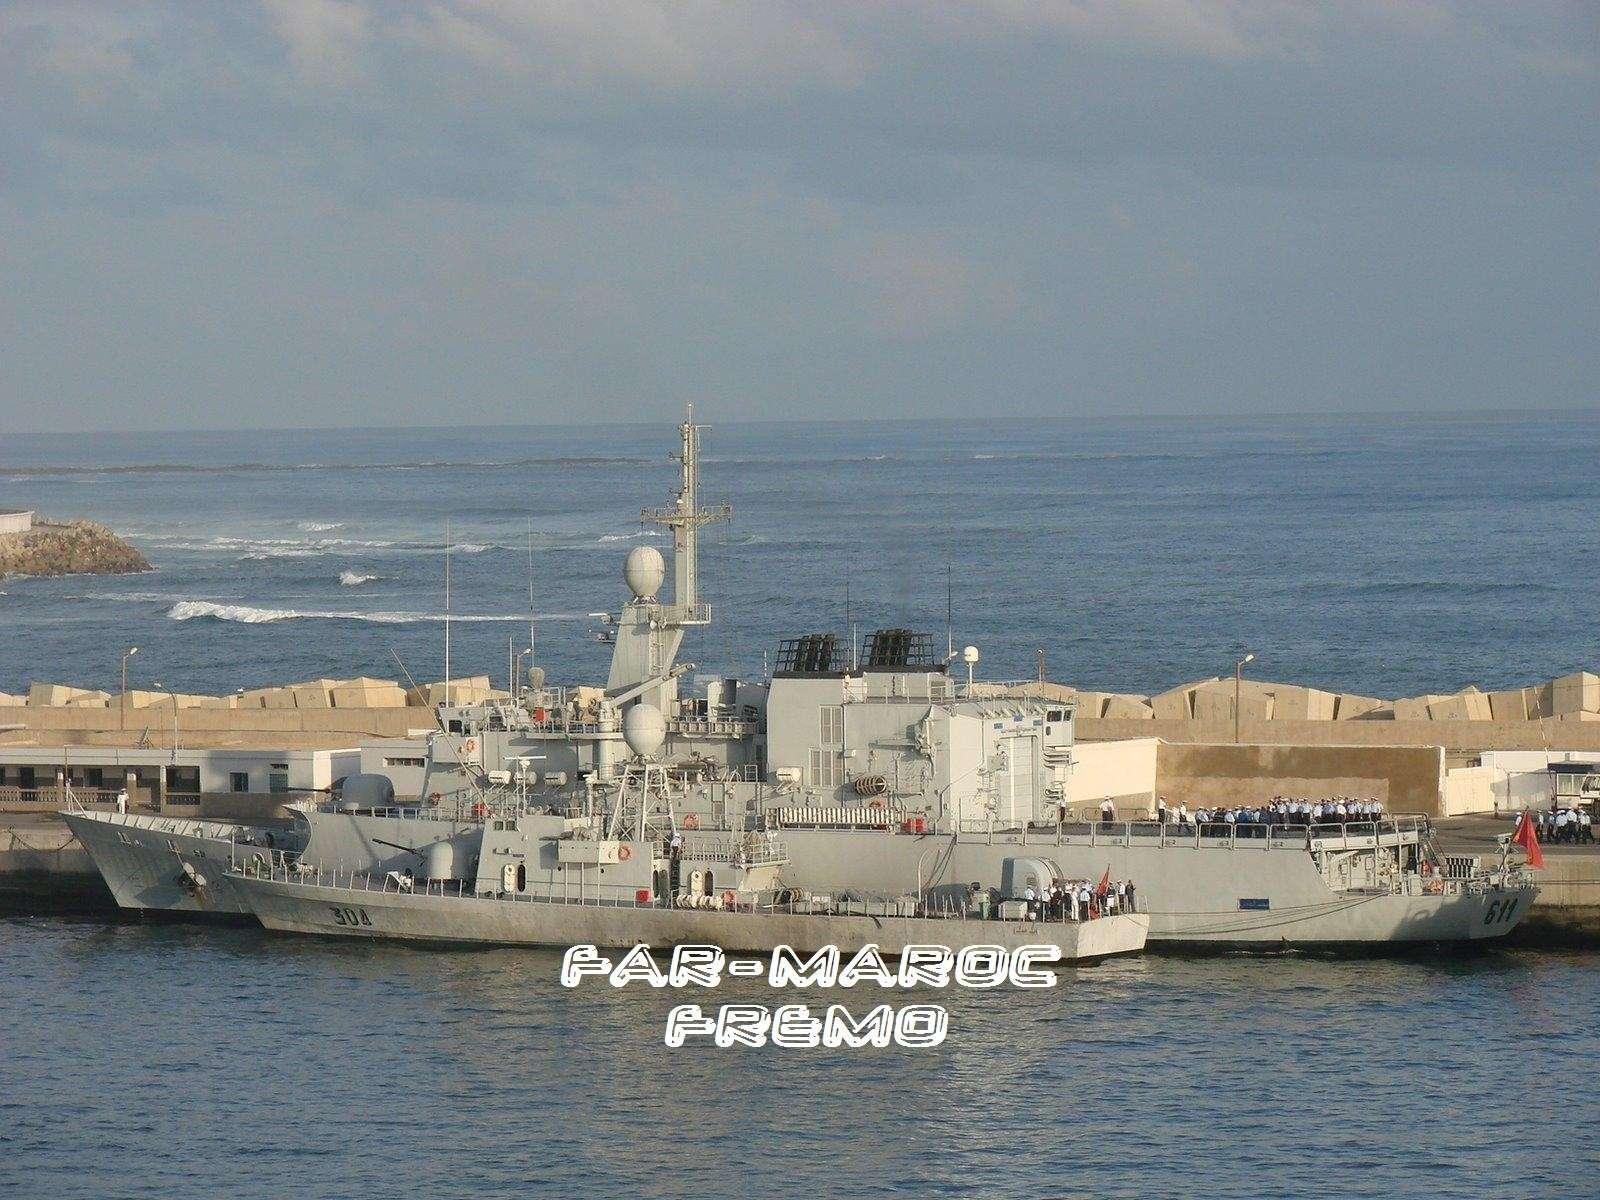 البحرية الملكية المغربية -شامل- Fremo310